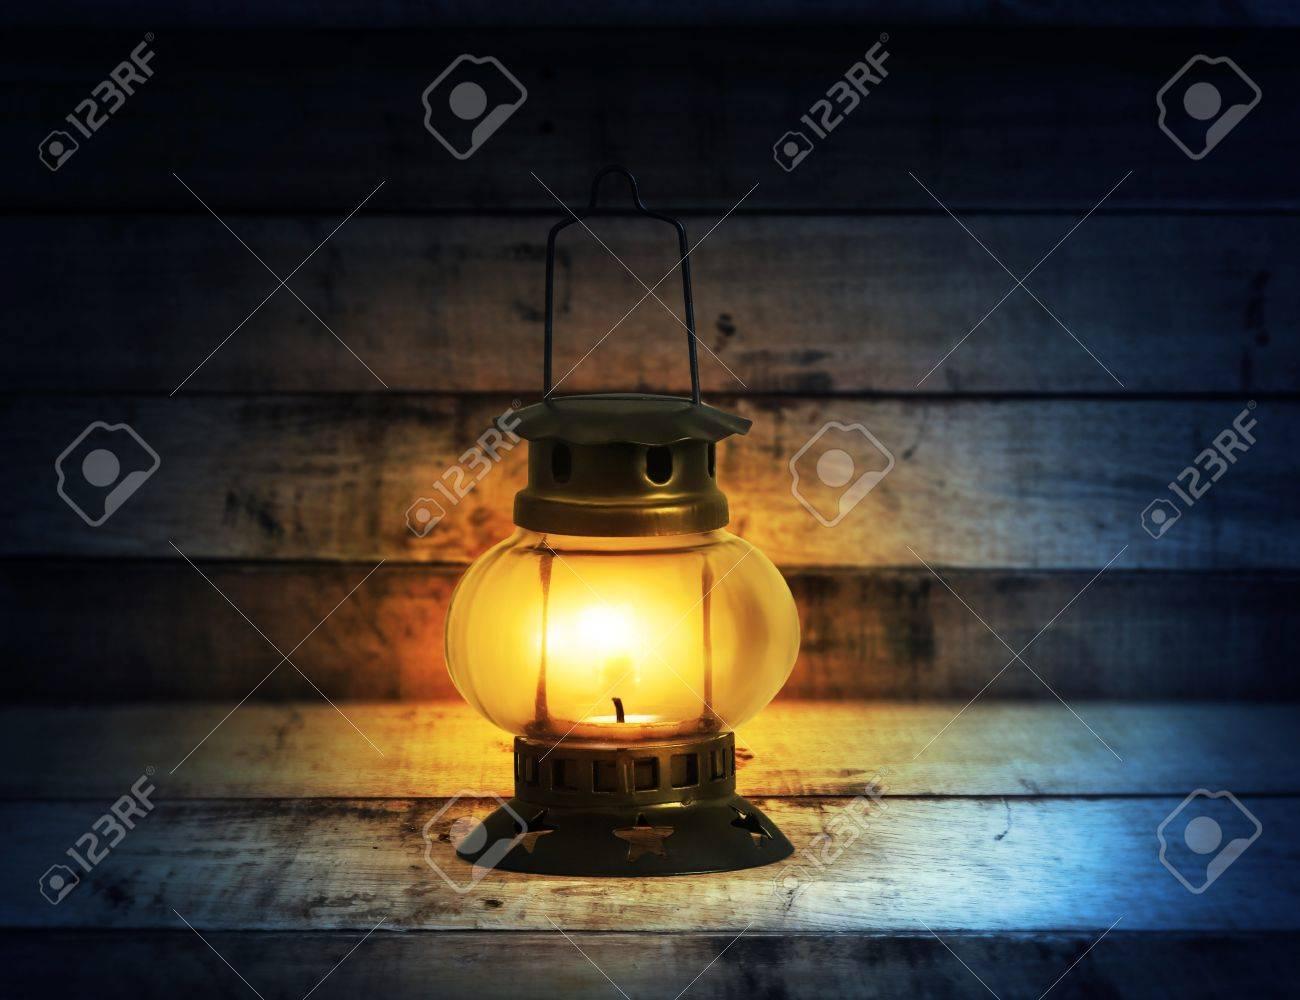 Bois Avec Brûlant Lumineuse Lampe Flamme Pétrole À Le Ancienne Entre 92eWDEHIY